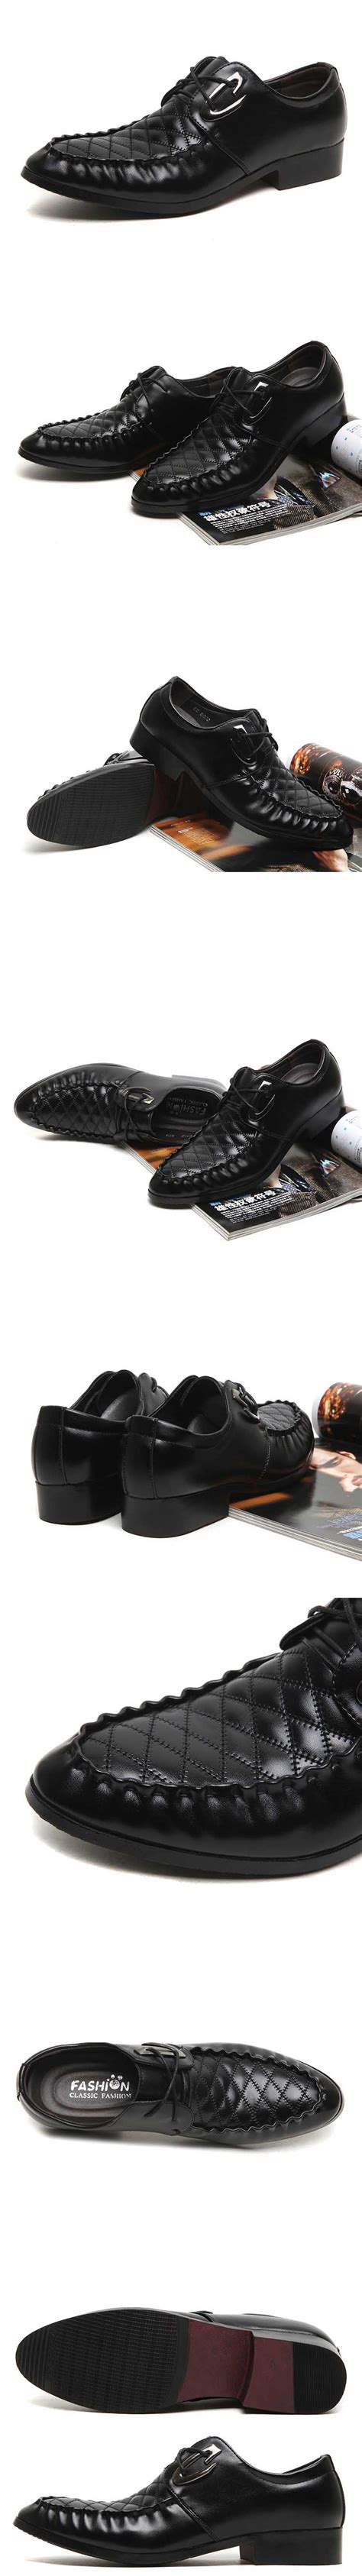 Terbaru Sepatu Weringkel Sepatu Pantofel Sepatu Kerja jual sepatu kerja pantofel pria